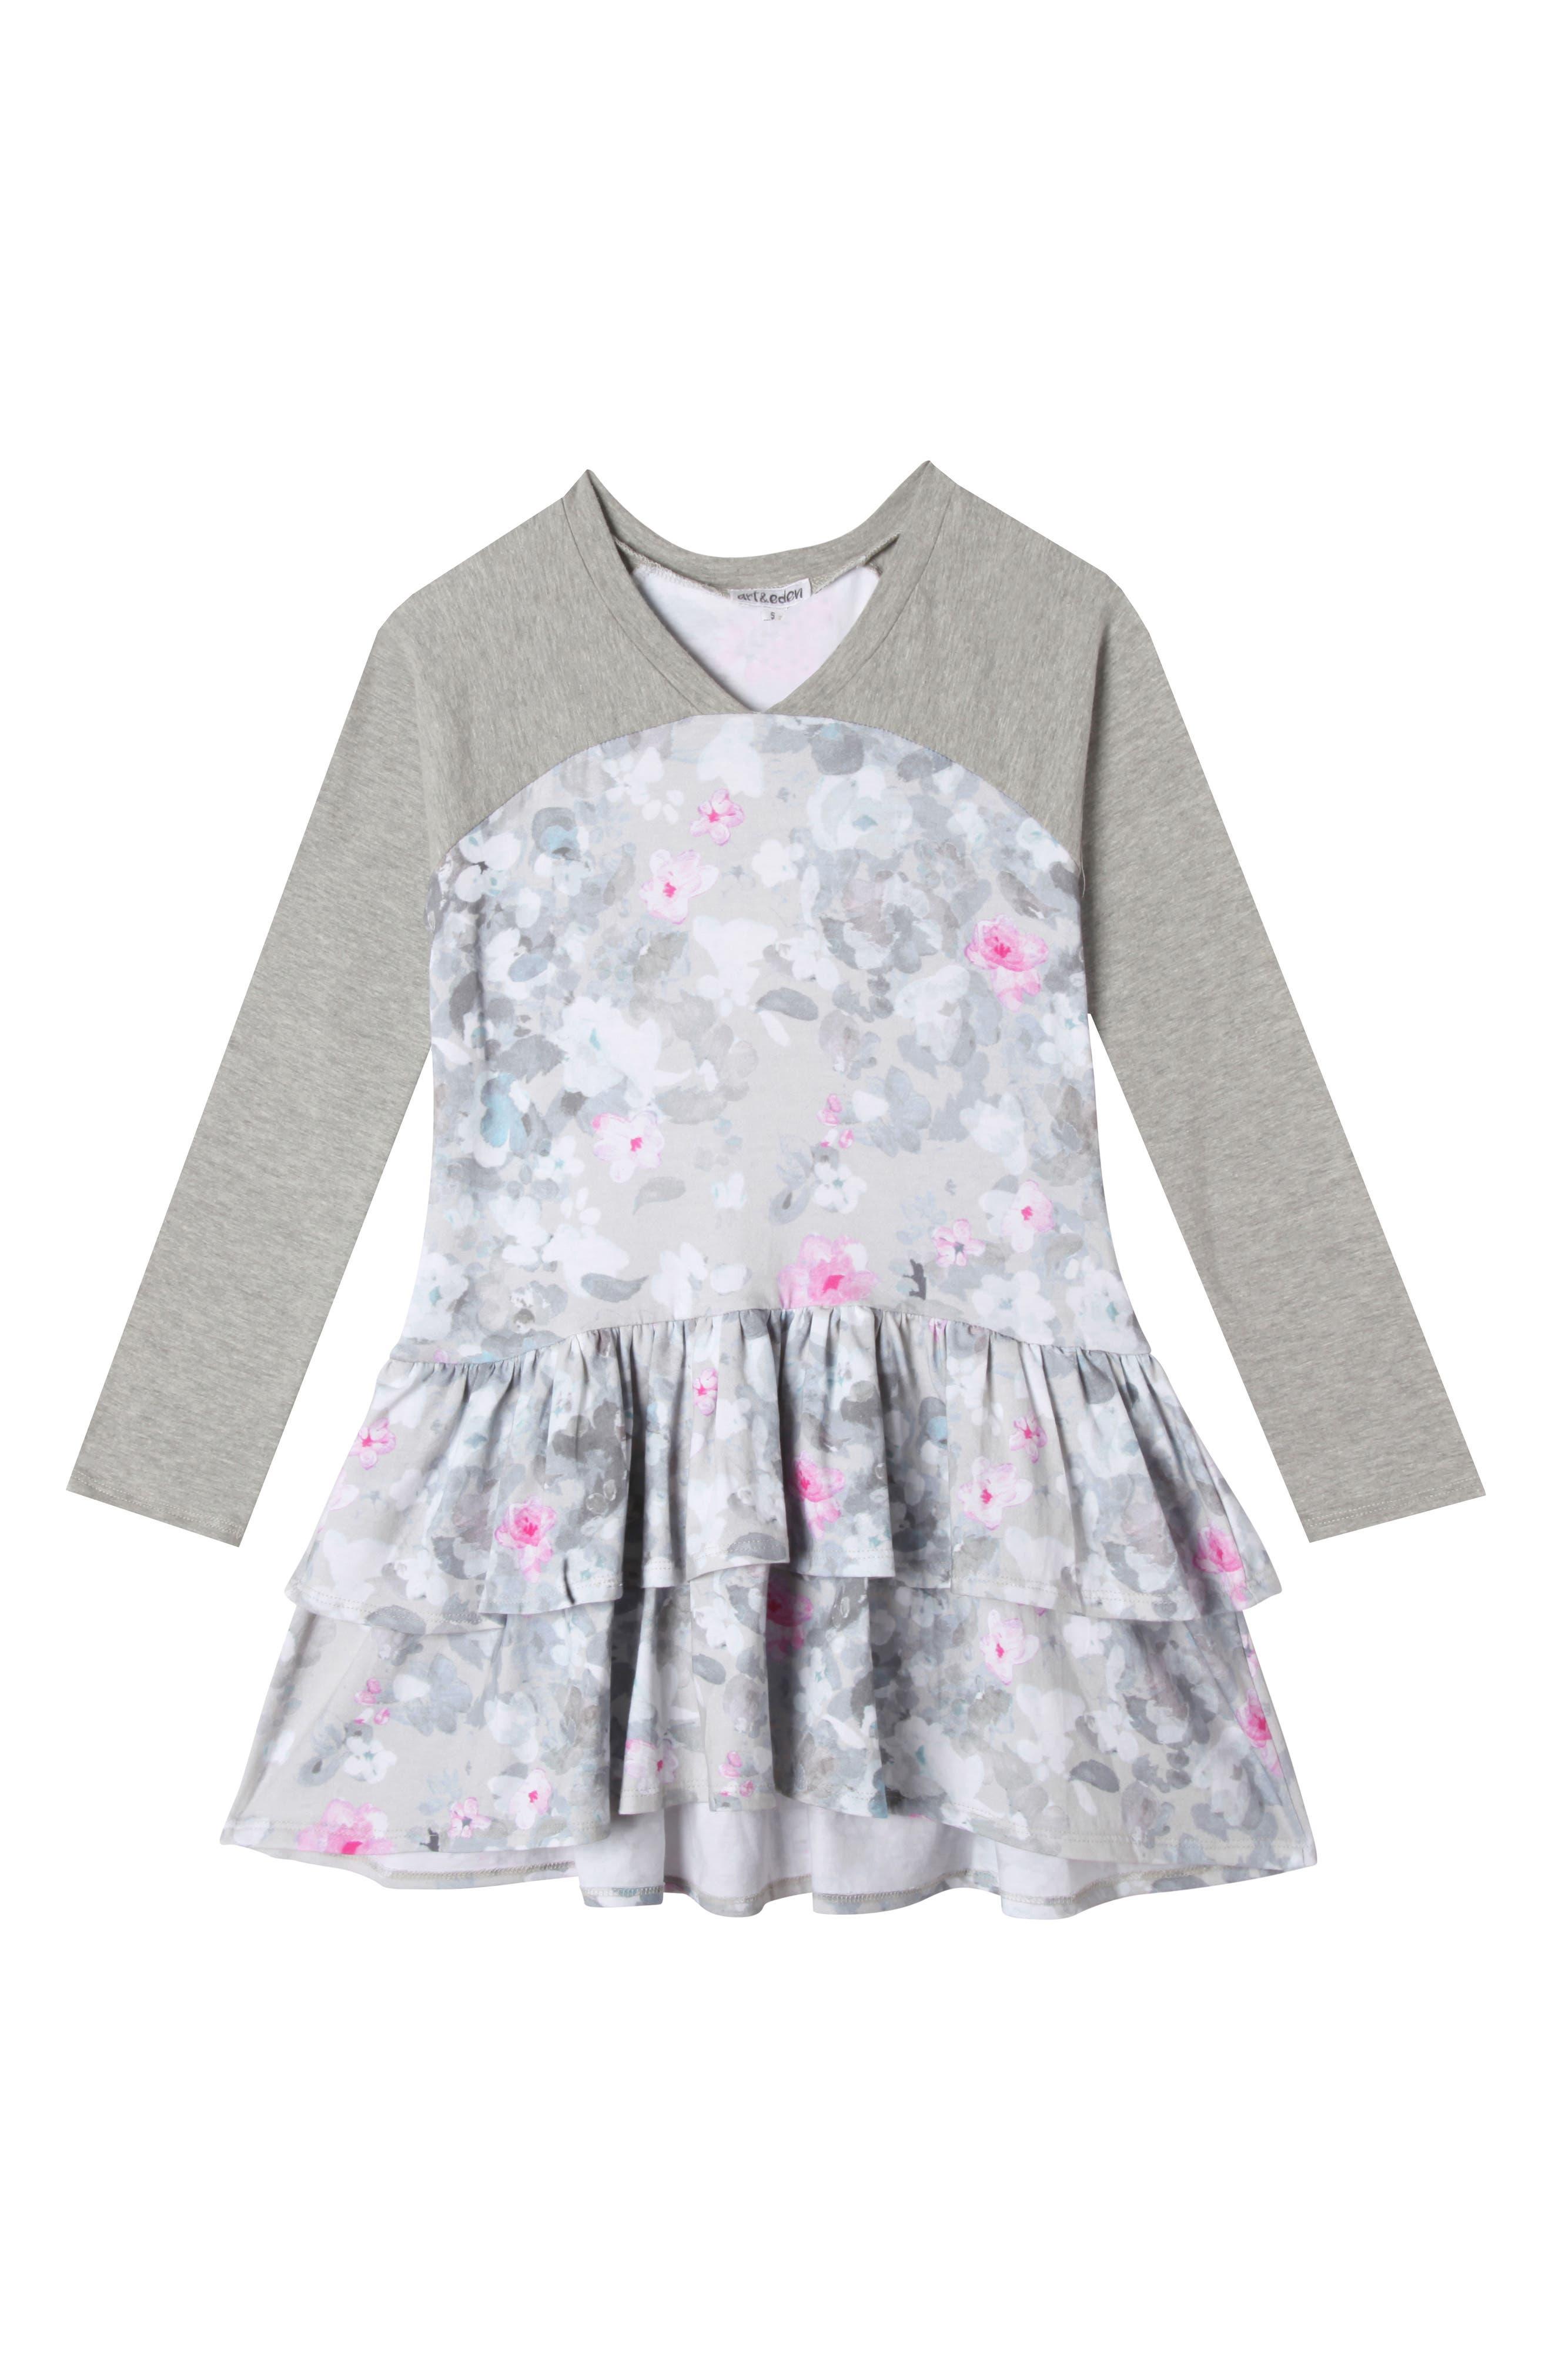 Alternate Image 1 Selected - Art & Eden Julia Dress (Toddler Girls & Little Girls)